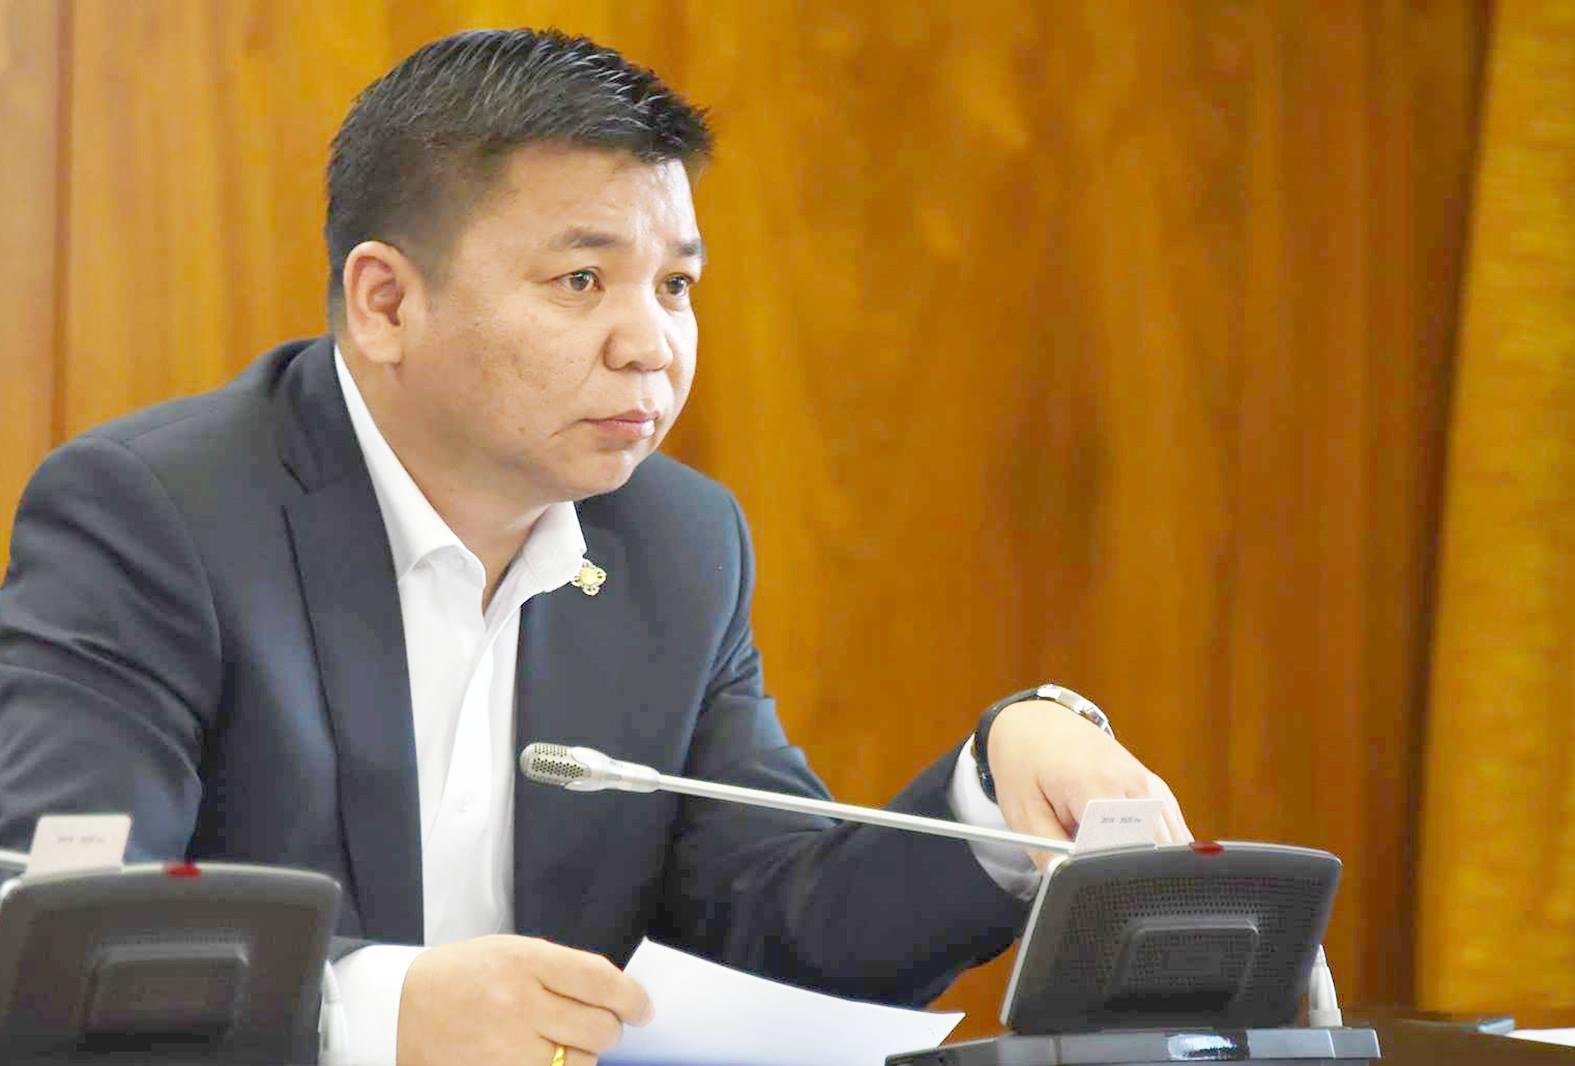 Л.Энхболд: Монголын ард түмний өмчөөс 268.3 мянган тонн нүүрс хулгайд алдагдсан нь нотлогдлоо